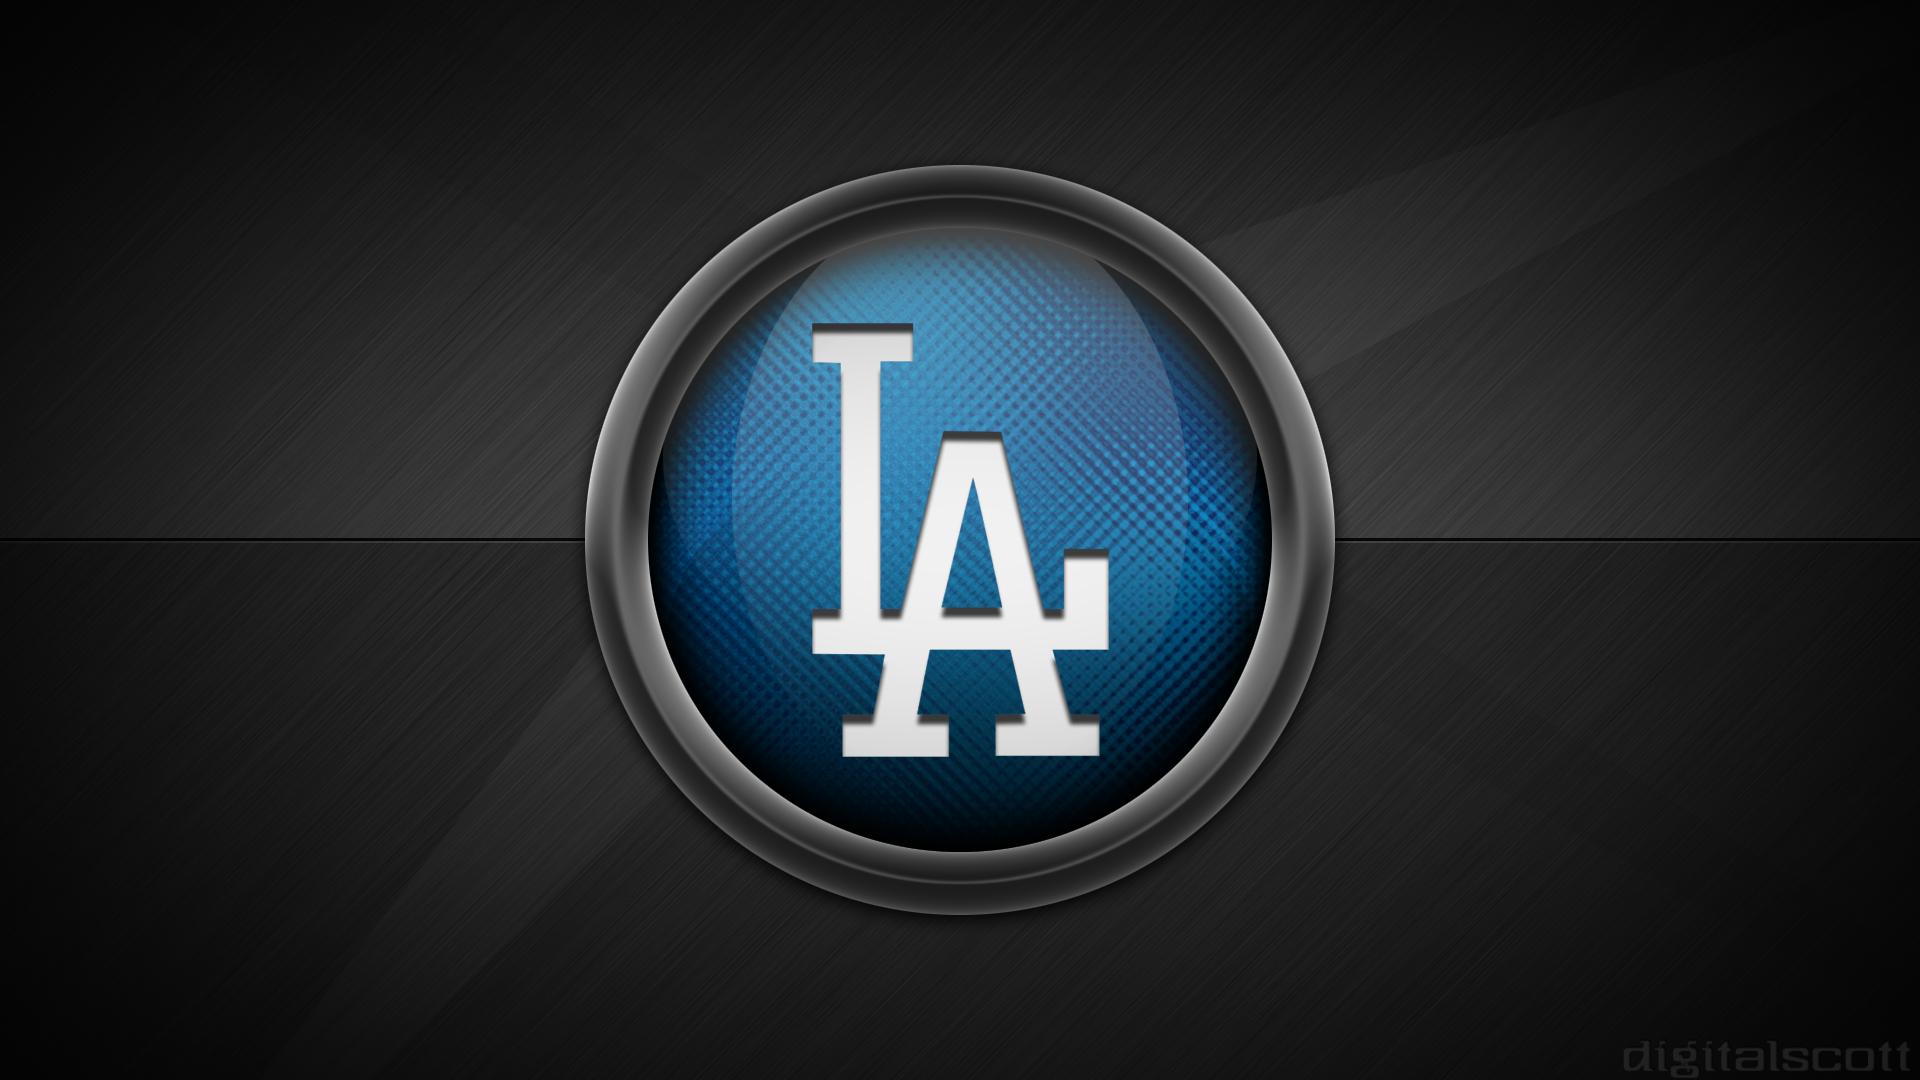 Los Angeles Dodger Wallpaper Hi Tech 1920x1080